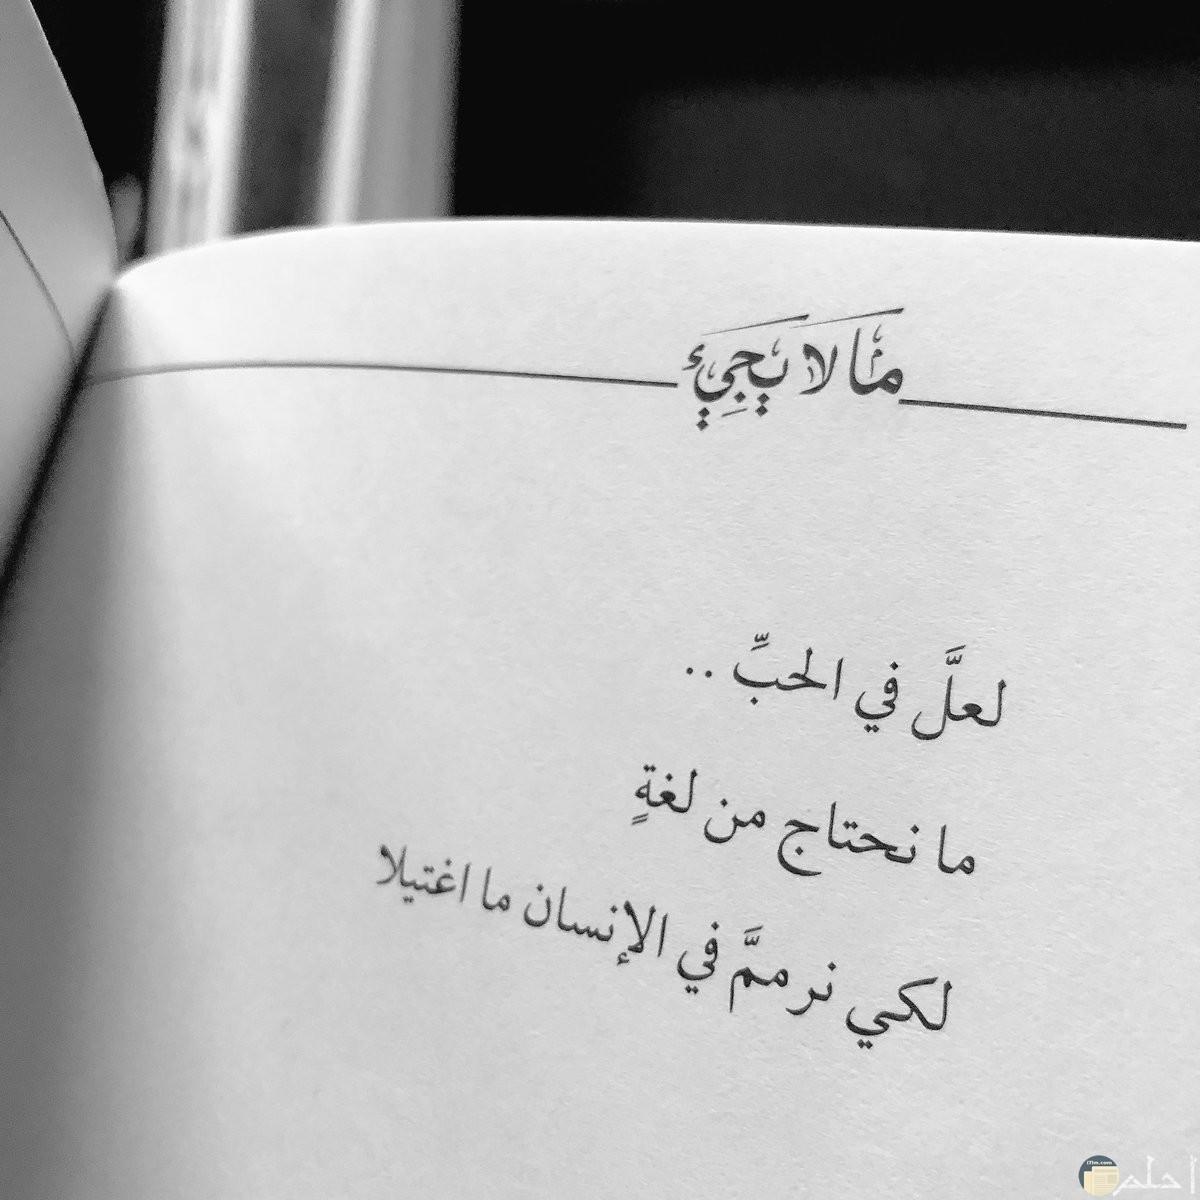 كلمات عن الحب رائعة جدا خلفية بيضاء